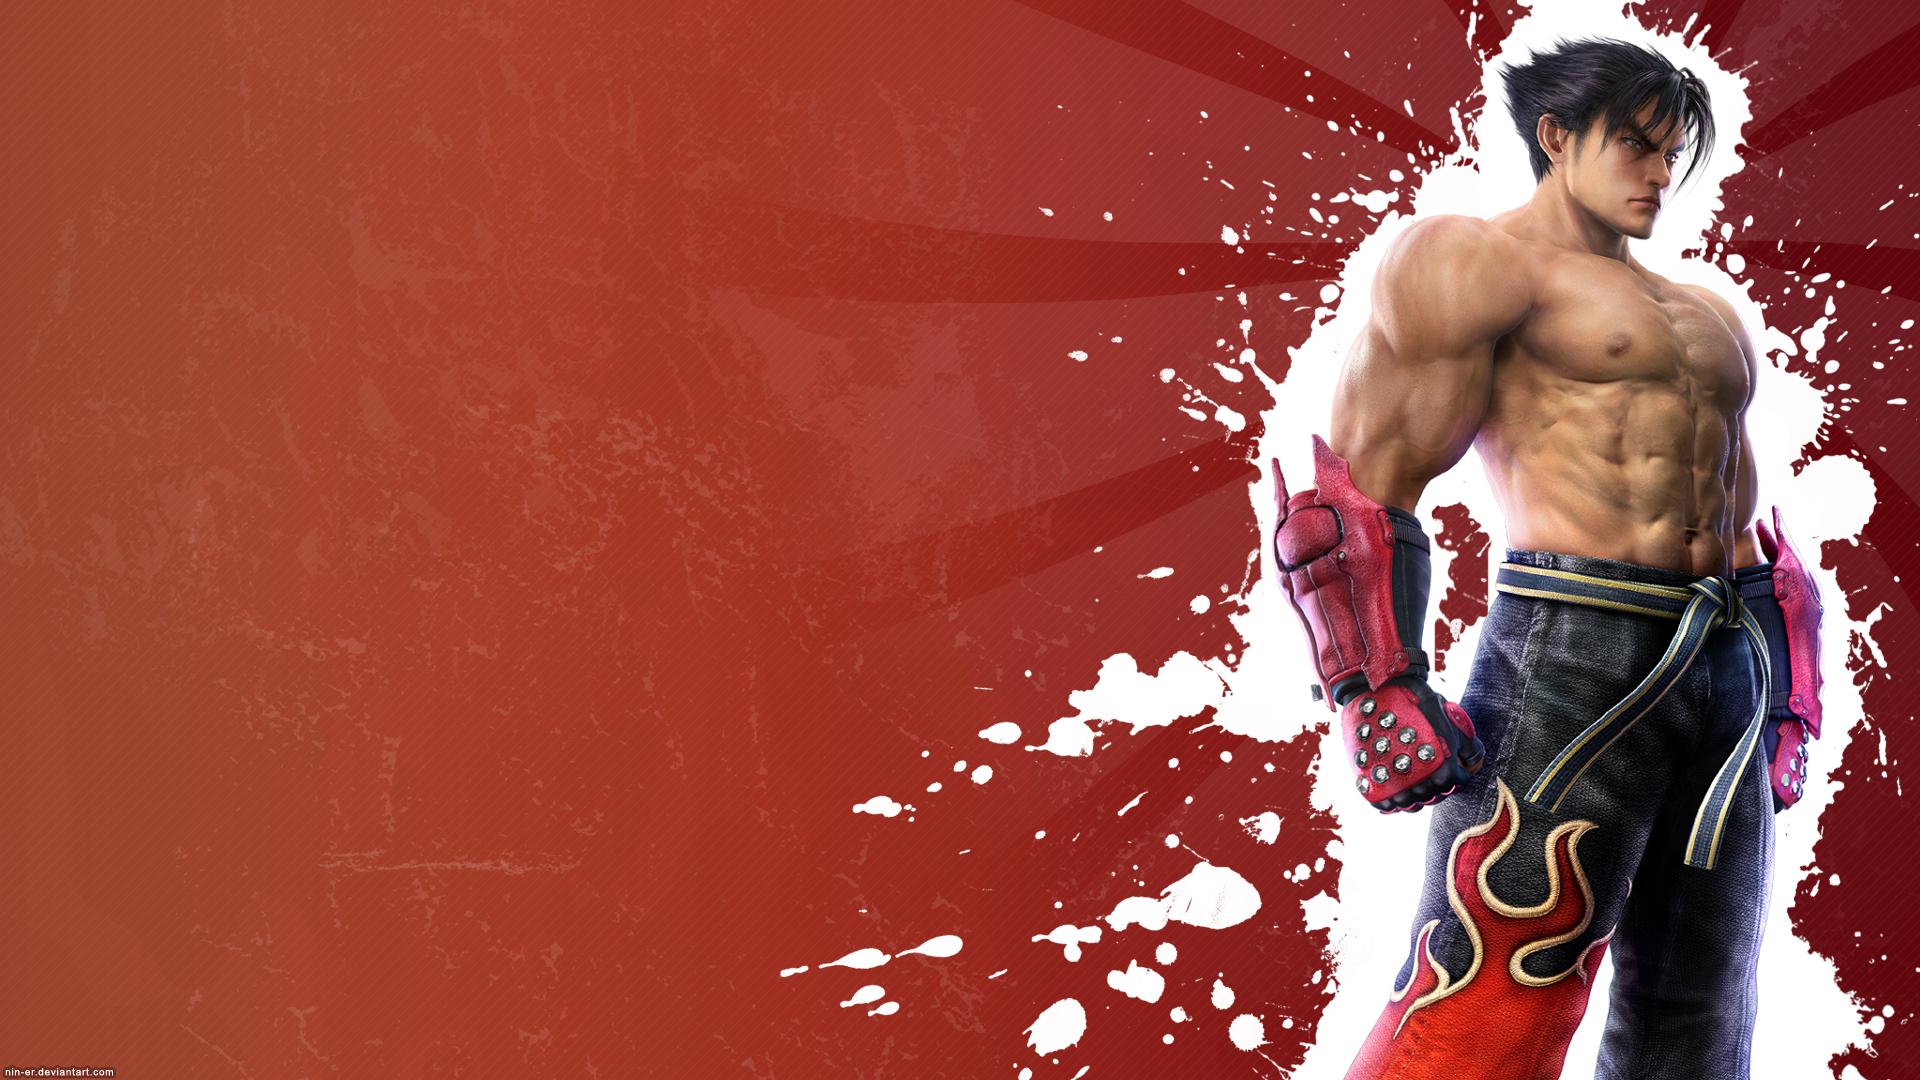 Tekken 7 Wallpaper High Definition 7654 Wallpaper Cool 1920x1080